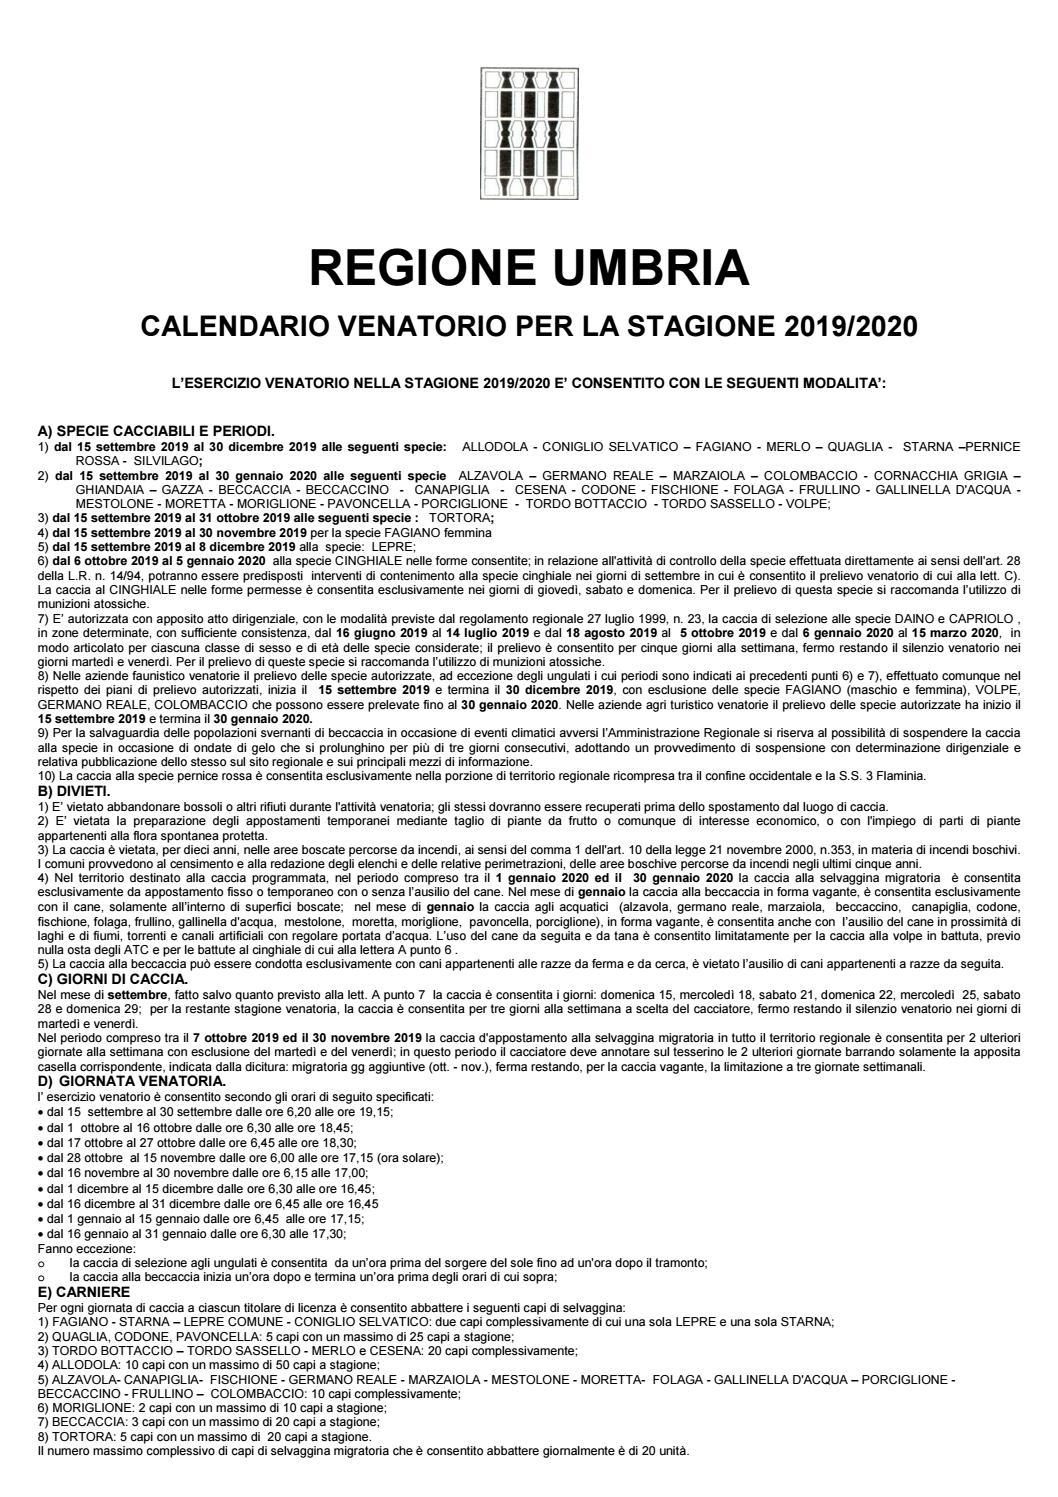 Calendario Venatorio 2020 Umbria.Calendario Venatorio Umbria 2019 2020 By Umbria24 Issuu